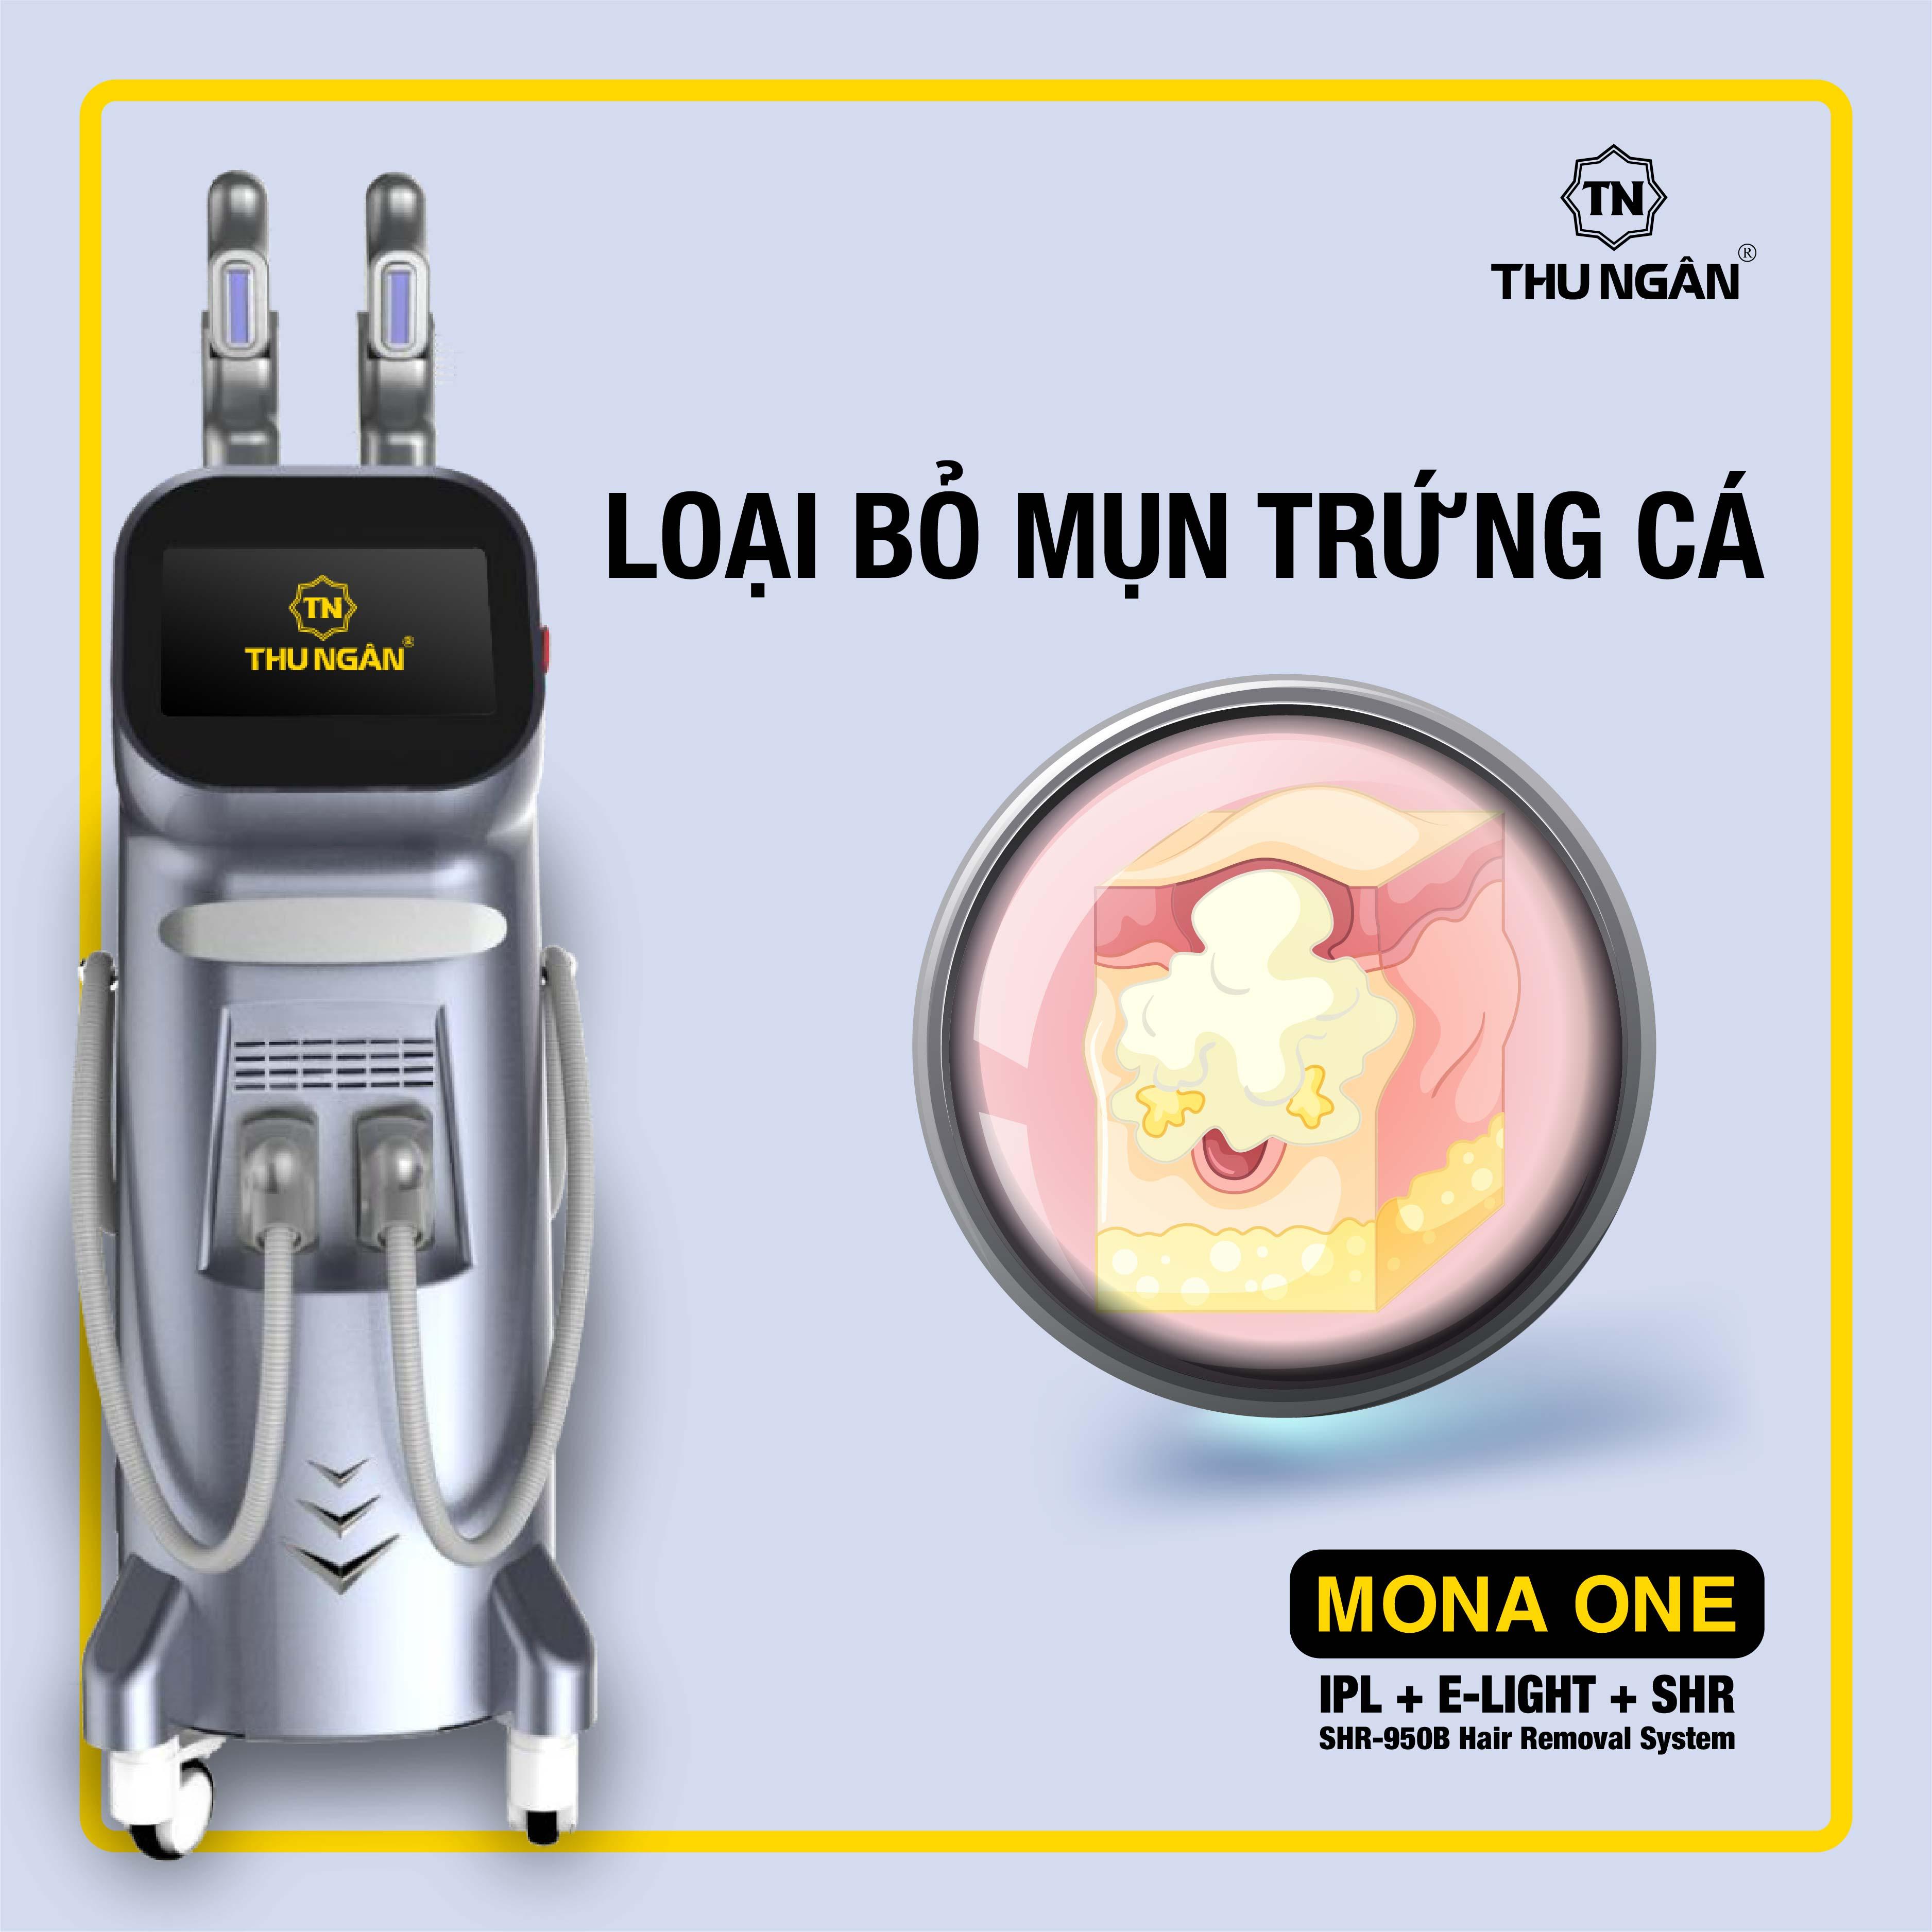 mona one new 05